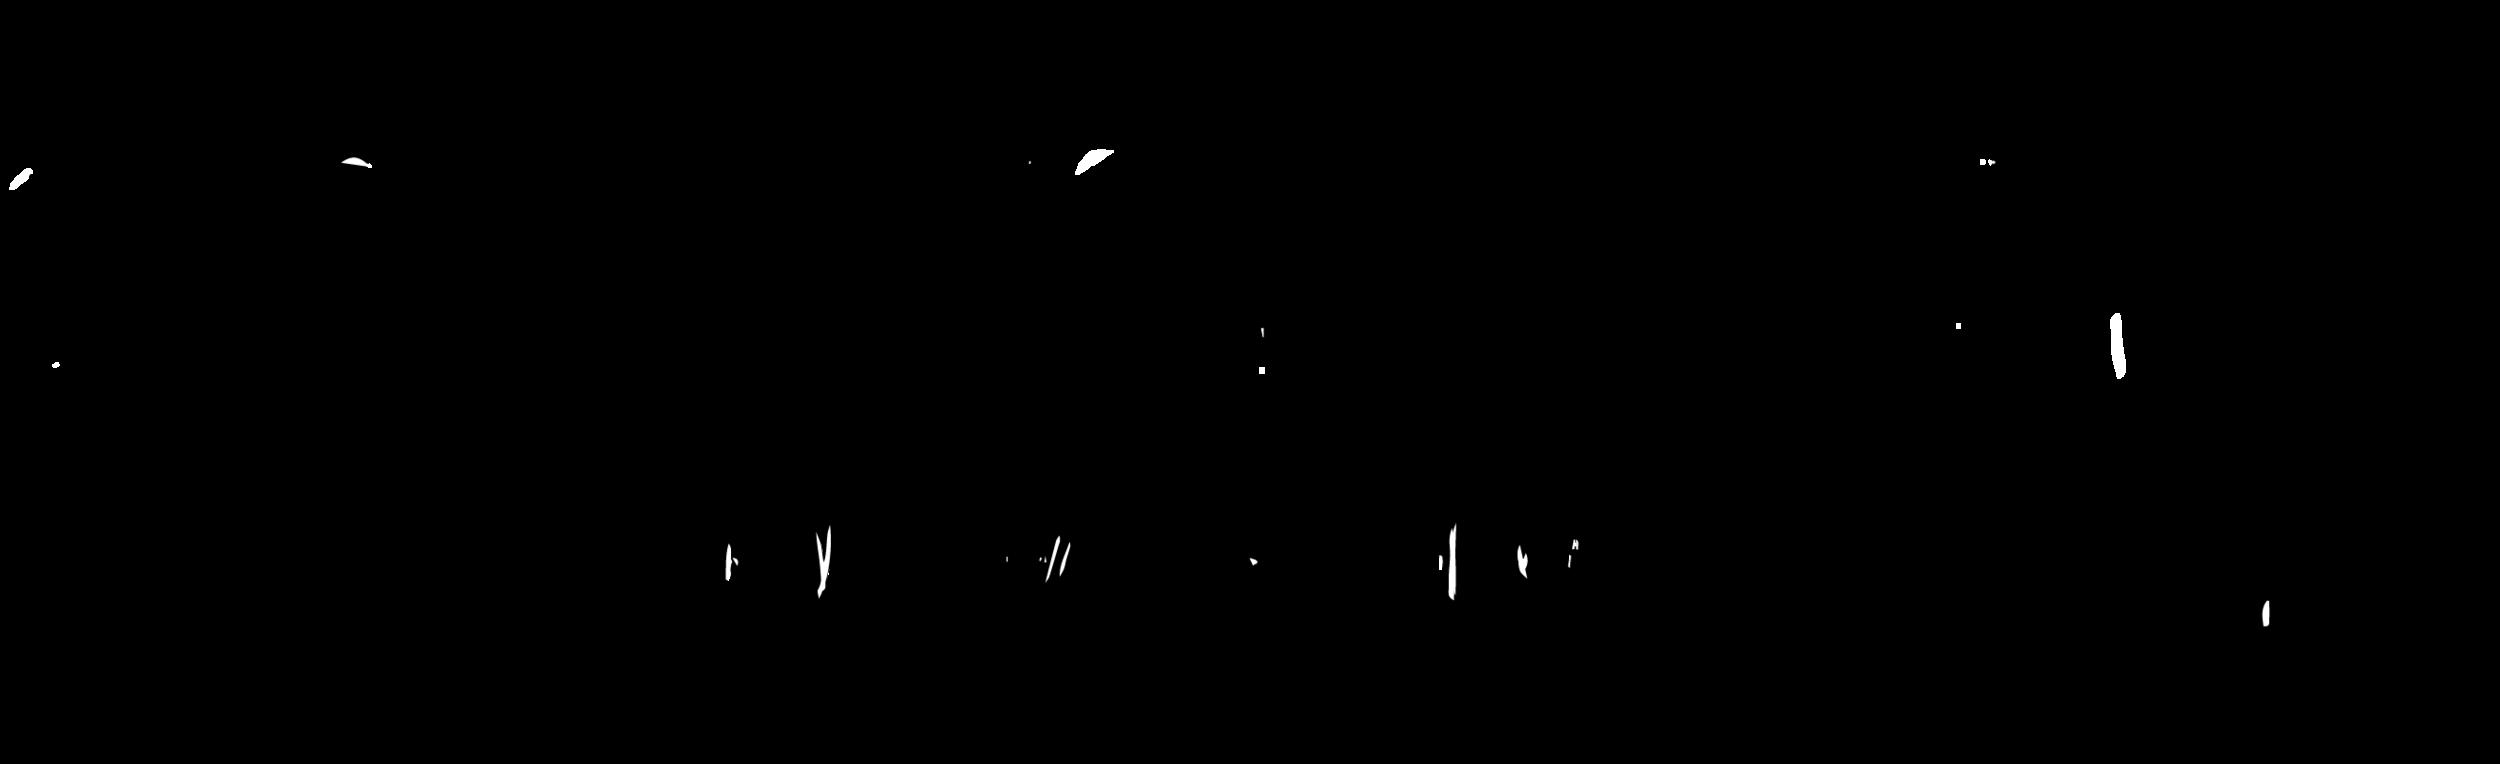 041e3250-4be5-4d2d-9cf5-52fb99097517.png